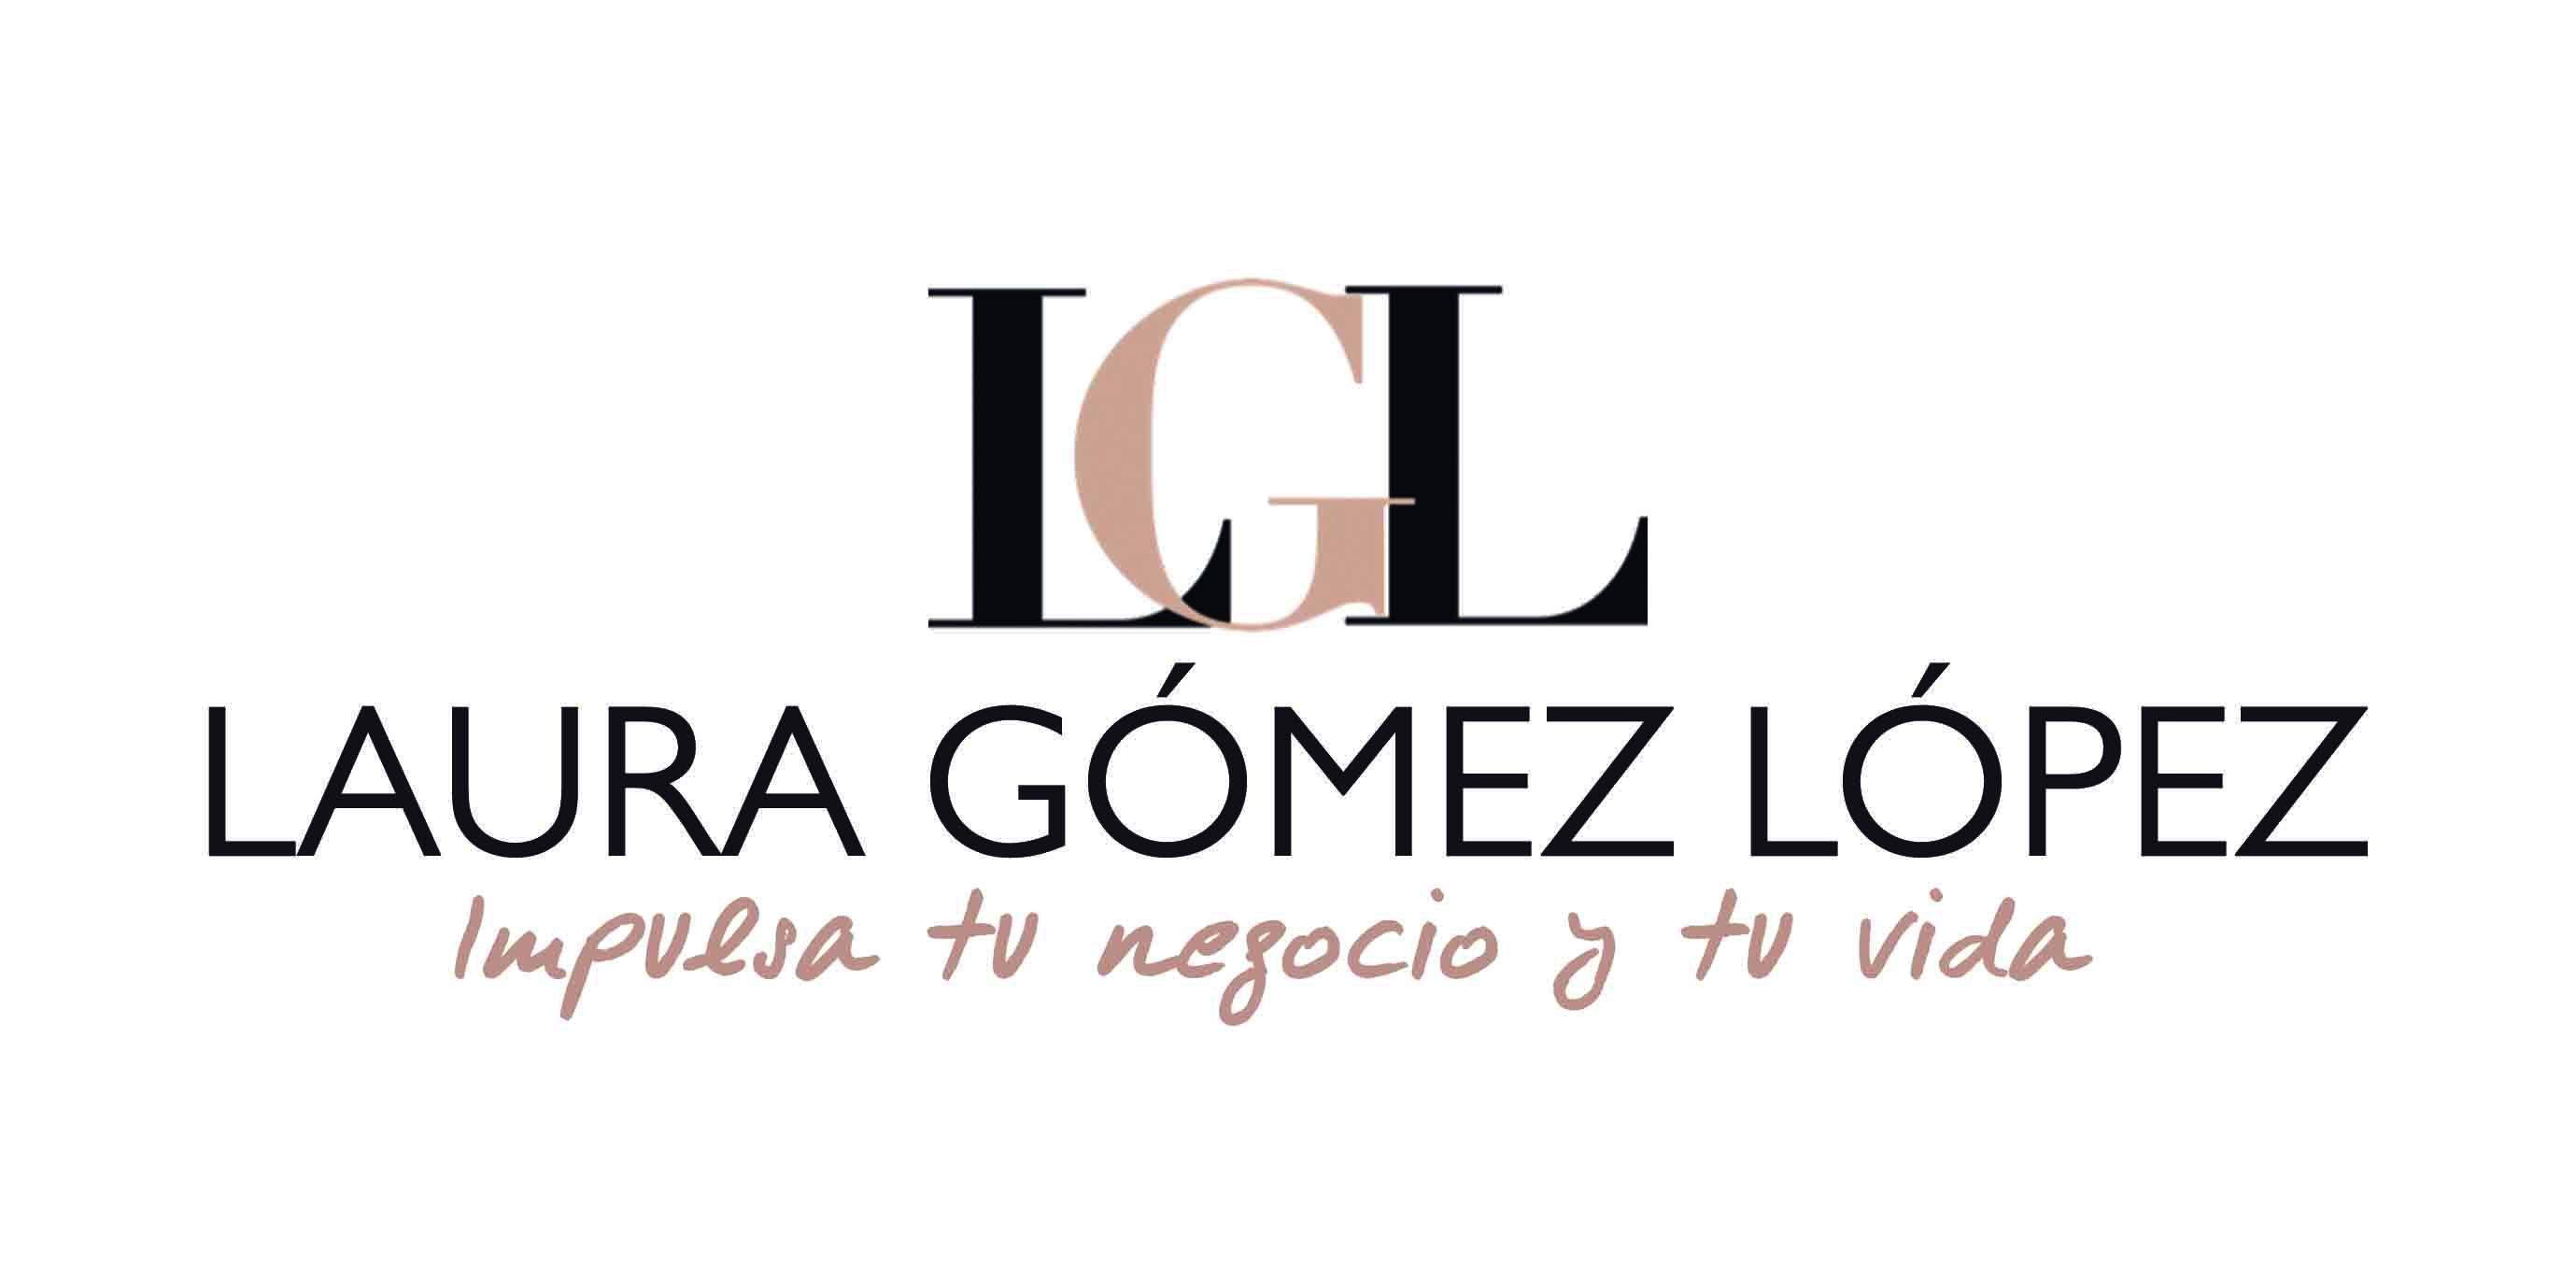 Laura Gomez Lopez